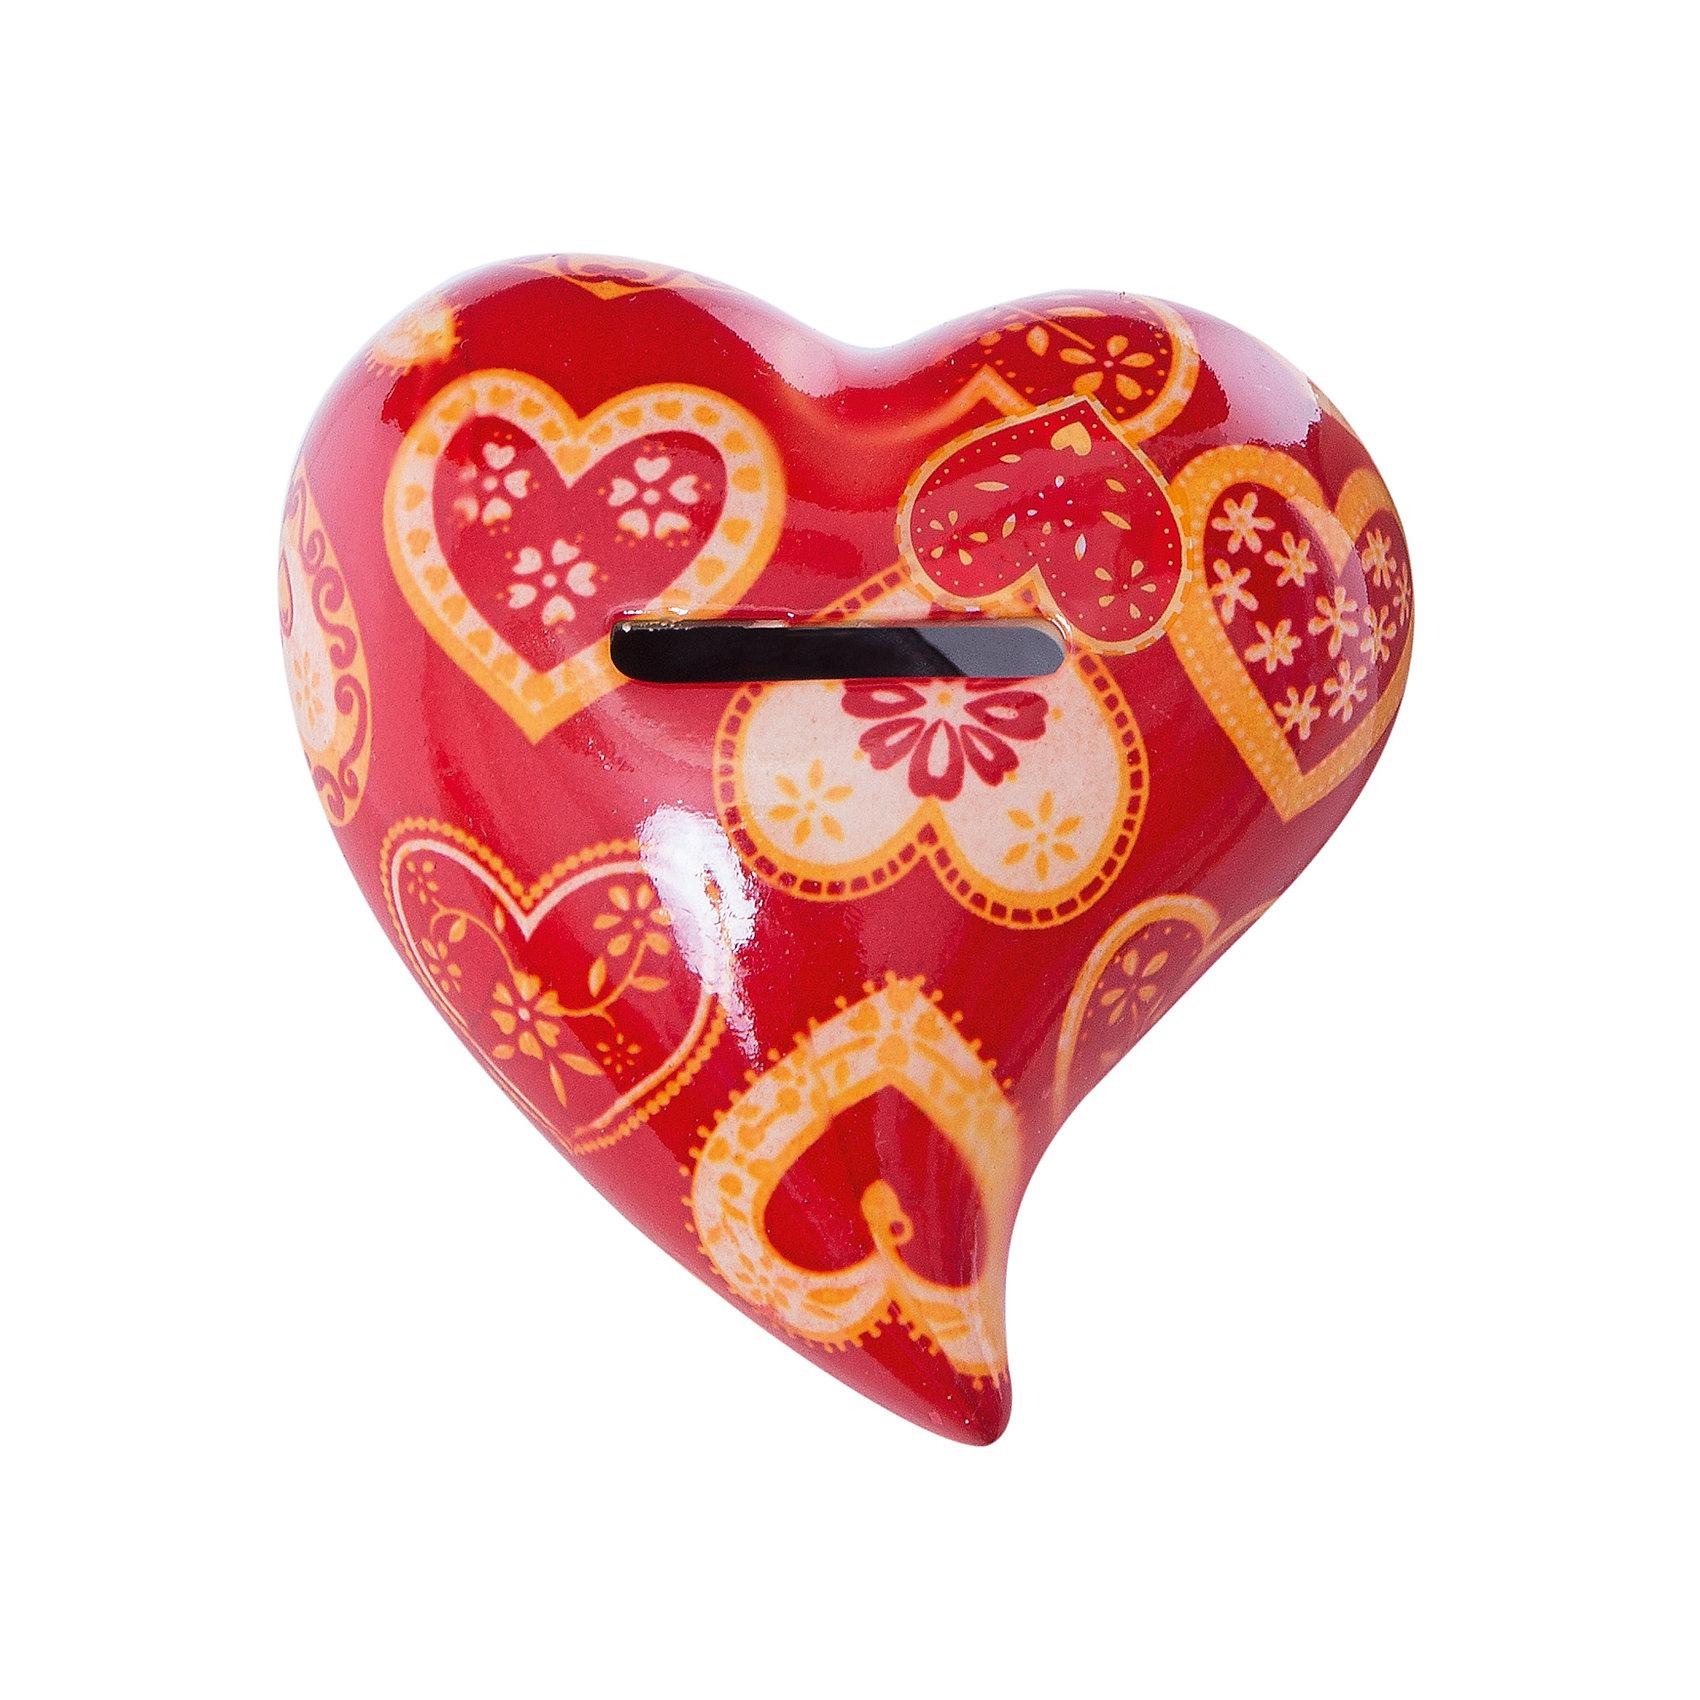 - Керамическая копилка Сердце что в виде сувенира из туапсе